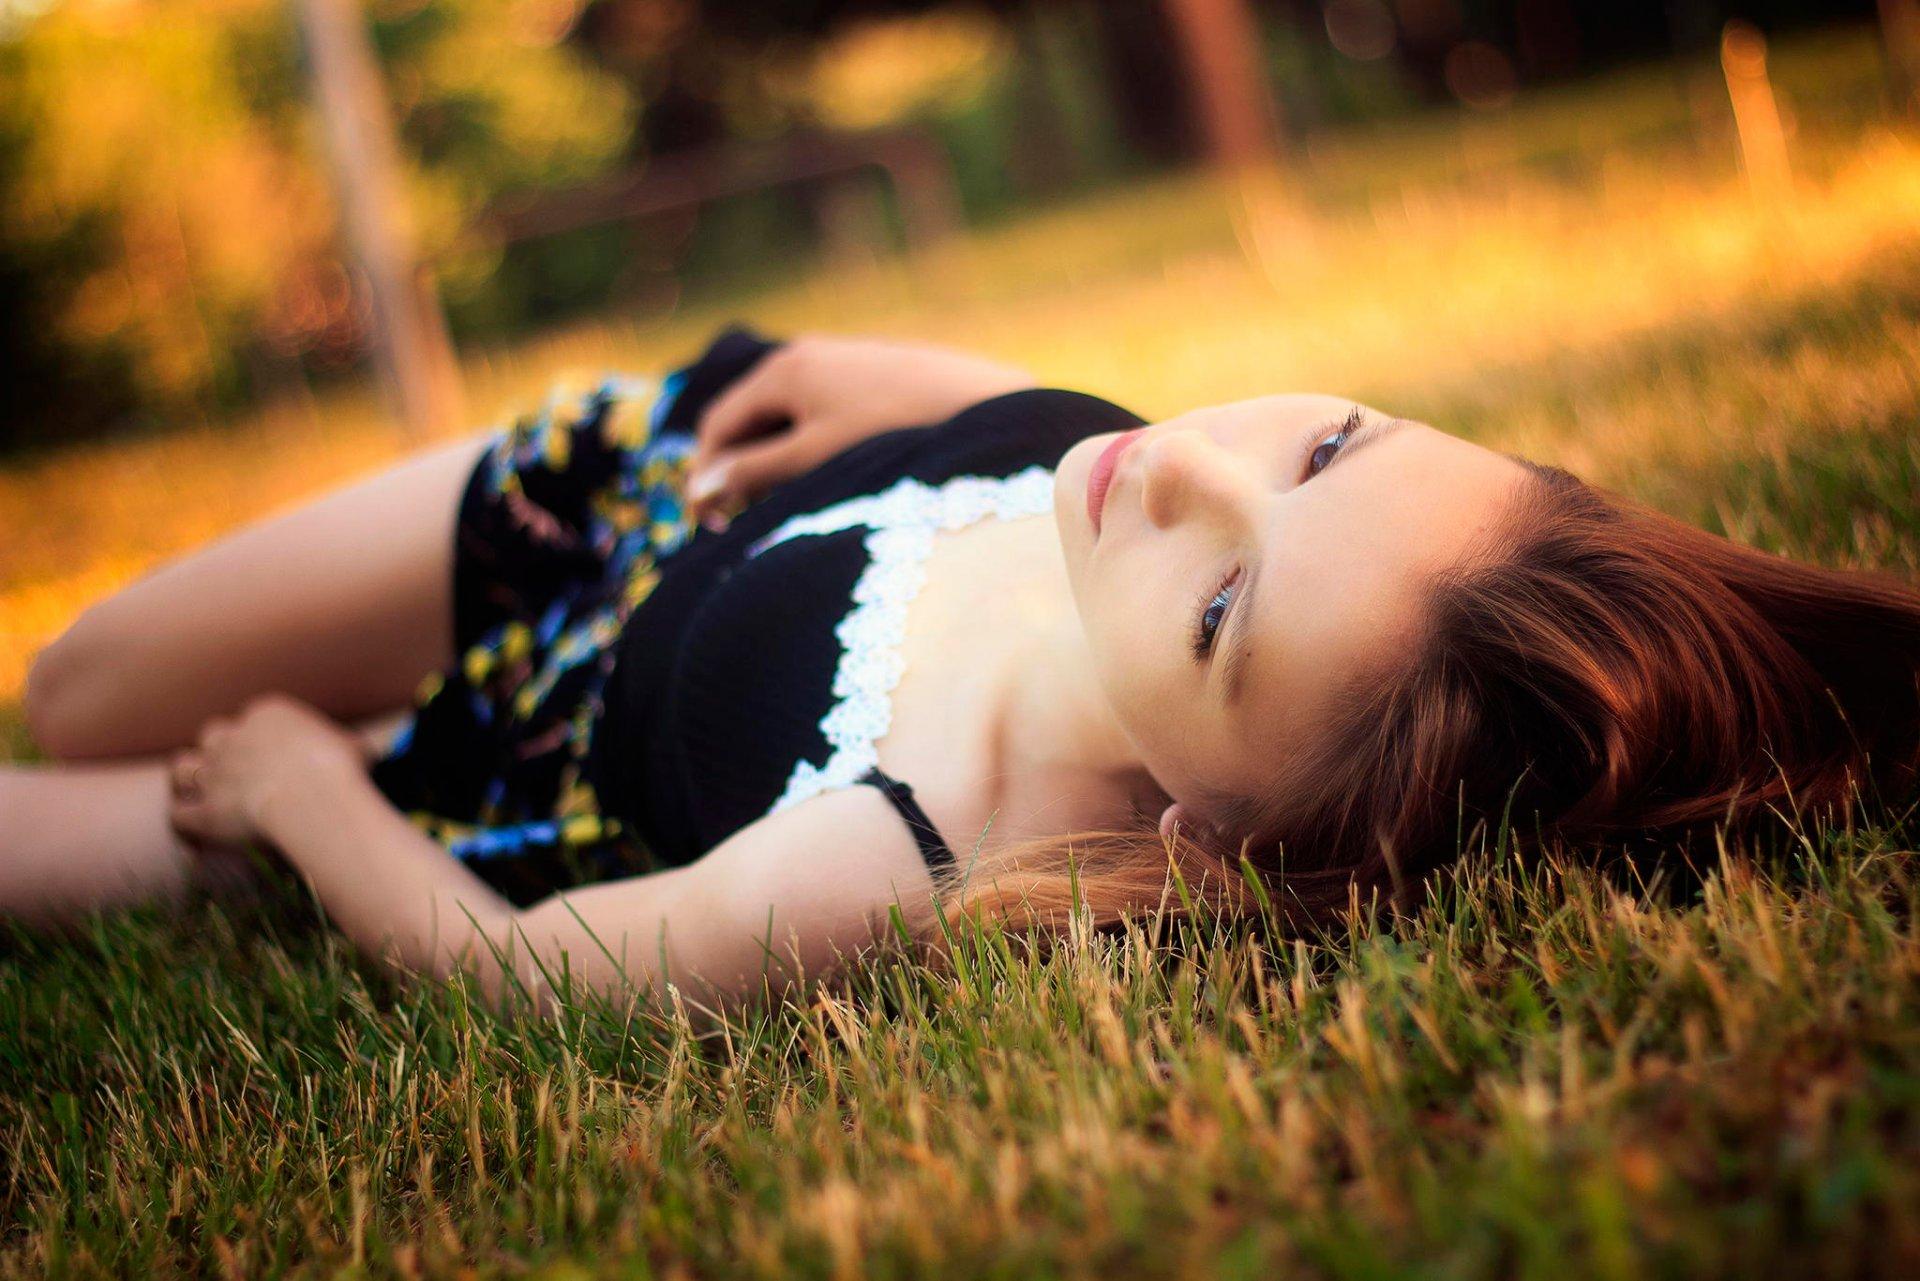 девушка с книжкой на лужайке бесплатно